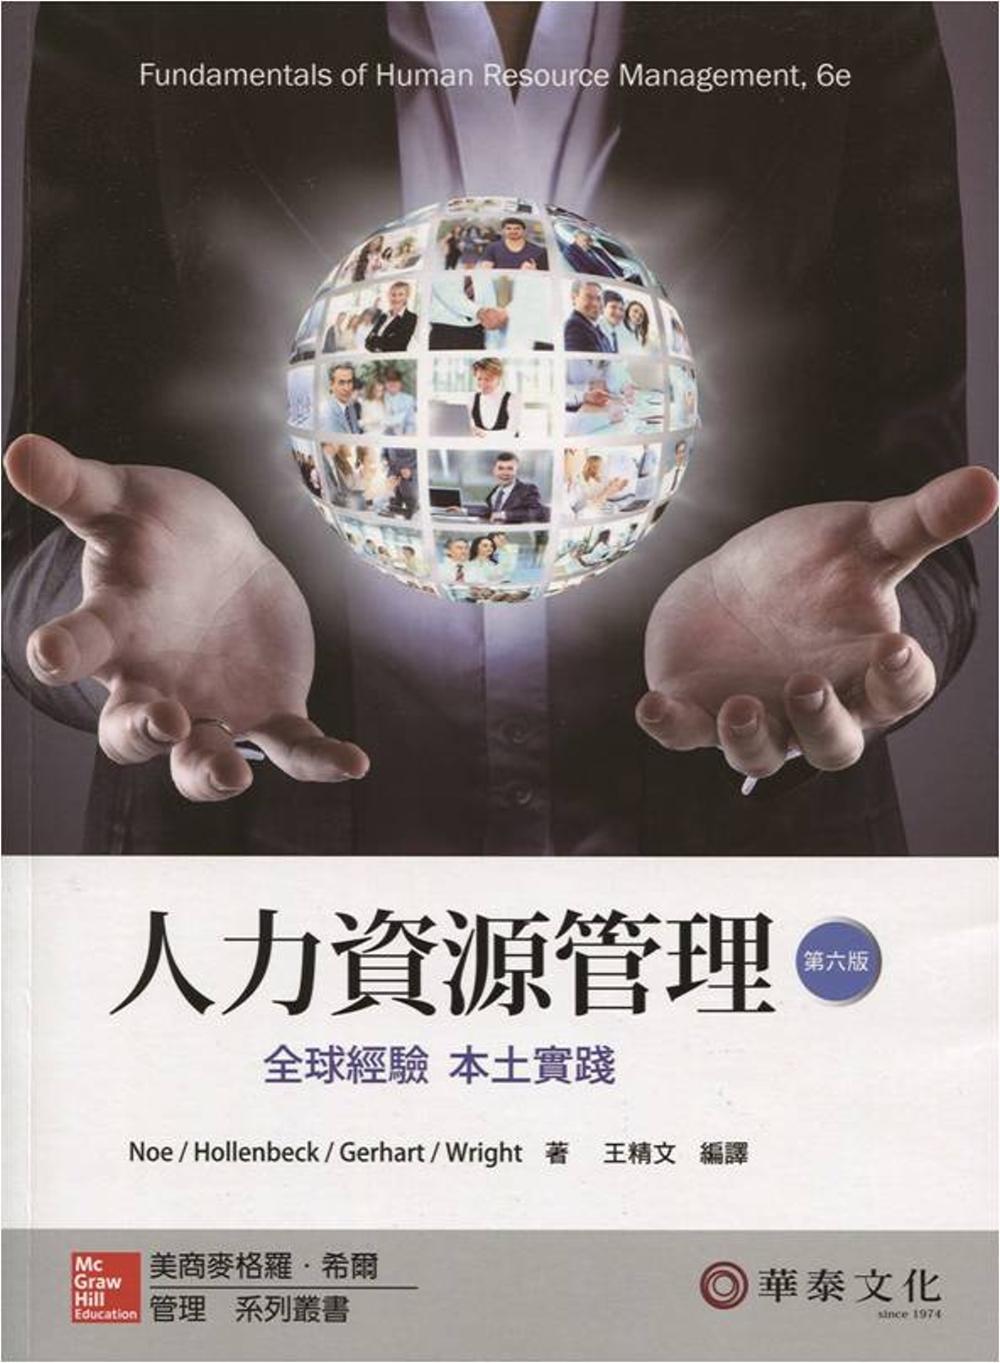 人力資源管理:全球經驗本土實踐(6版)